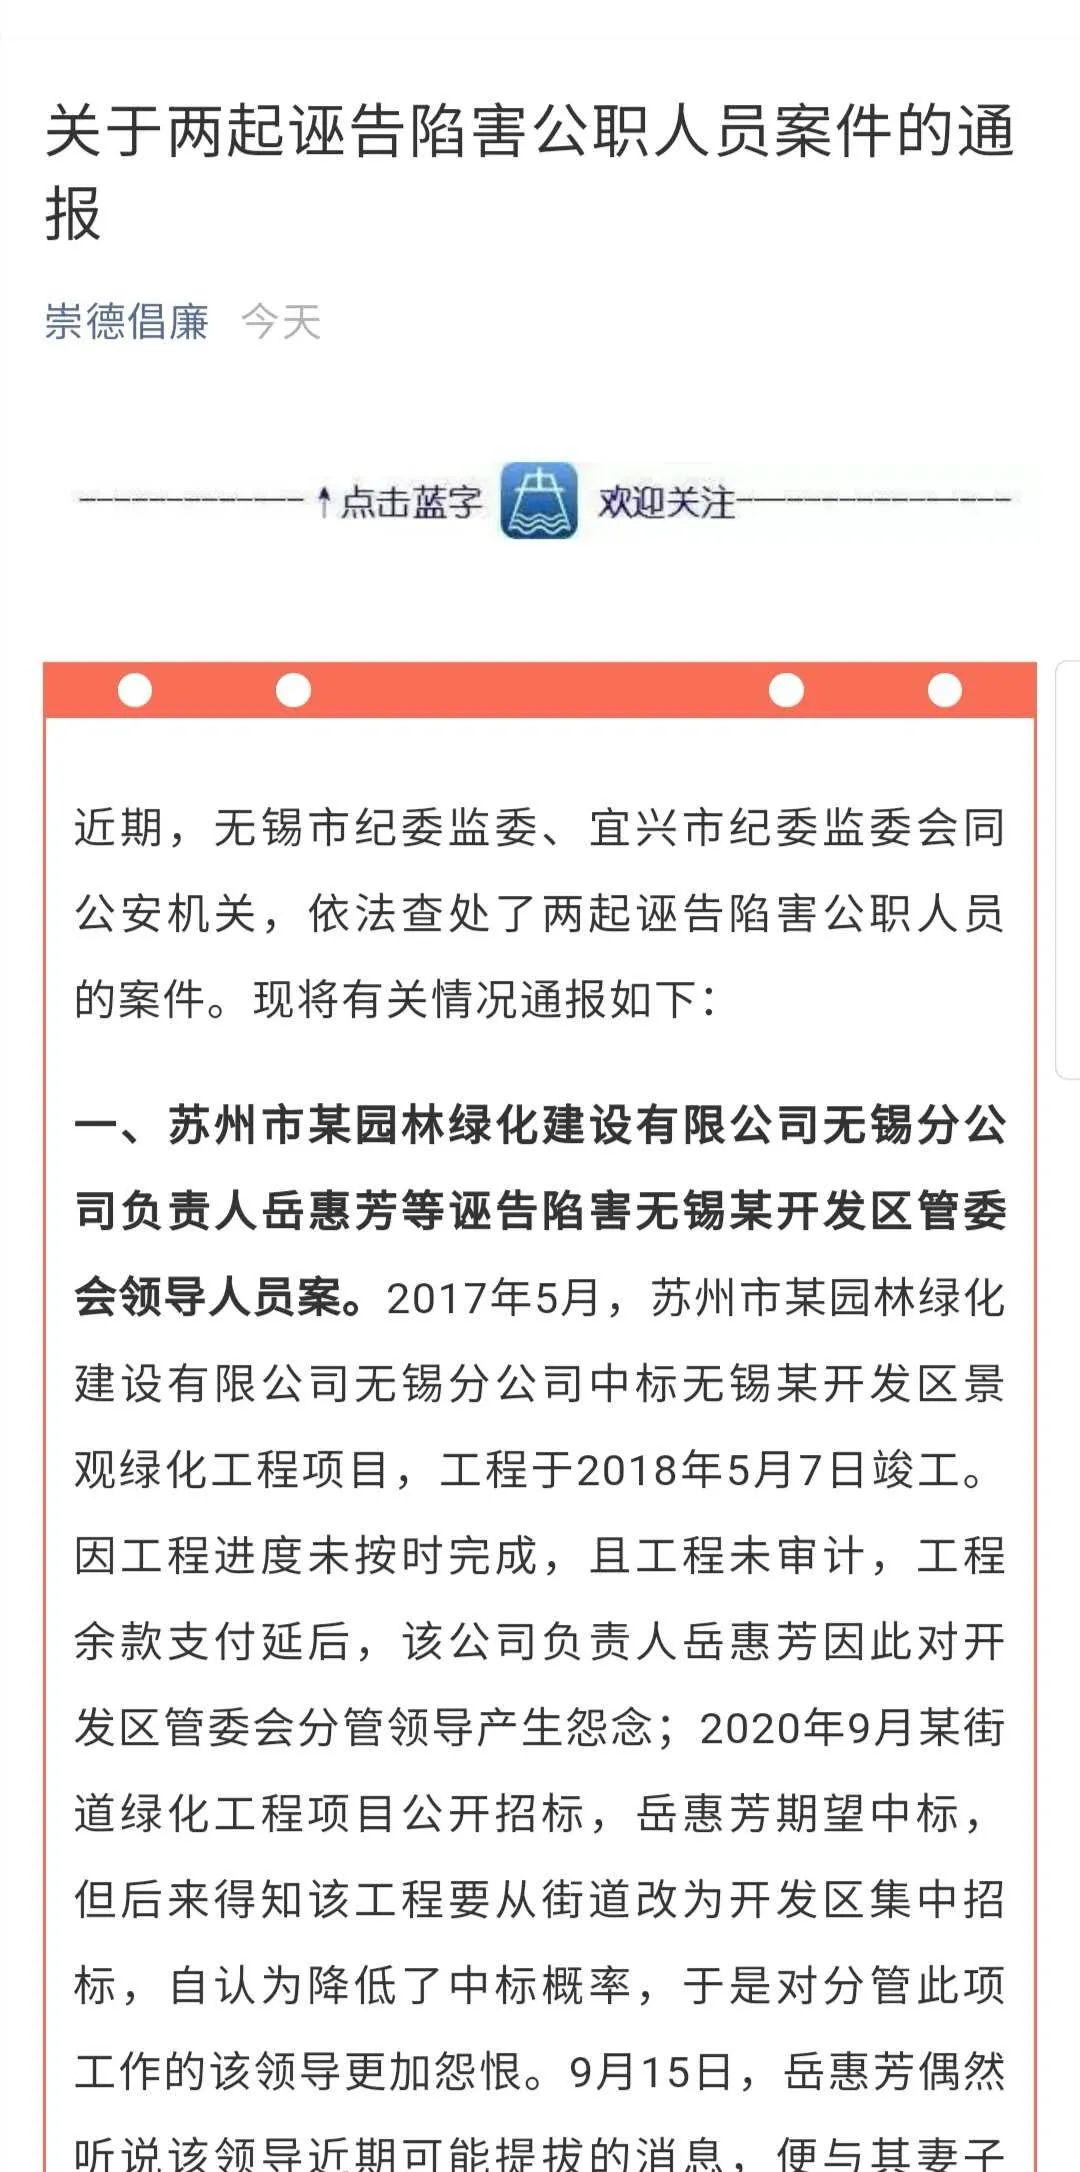 【彩乐园邀请码12340】_诬告陷害公职人员,3名企业人员被无锡纪委监委通报